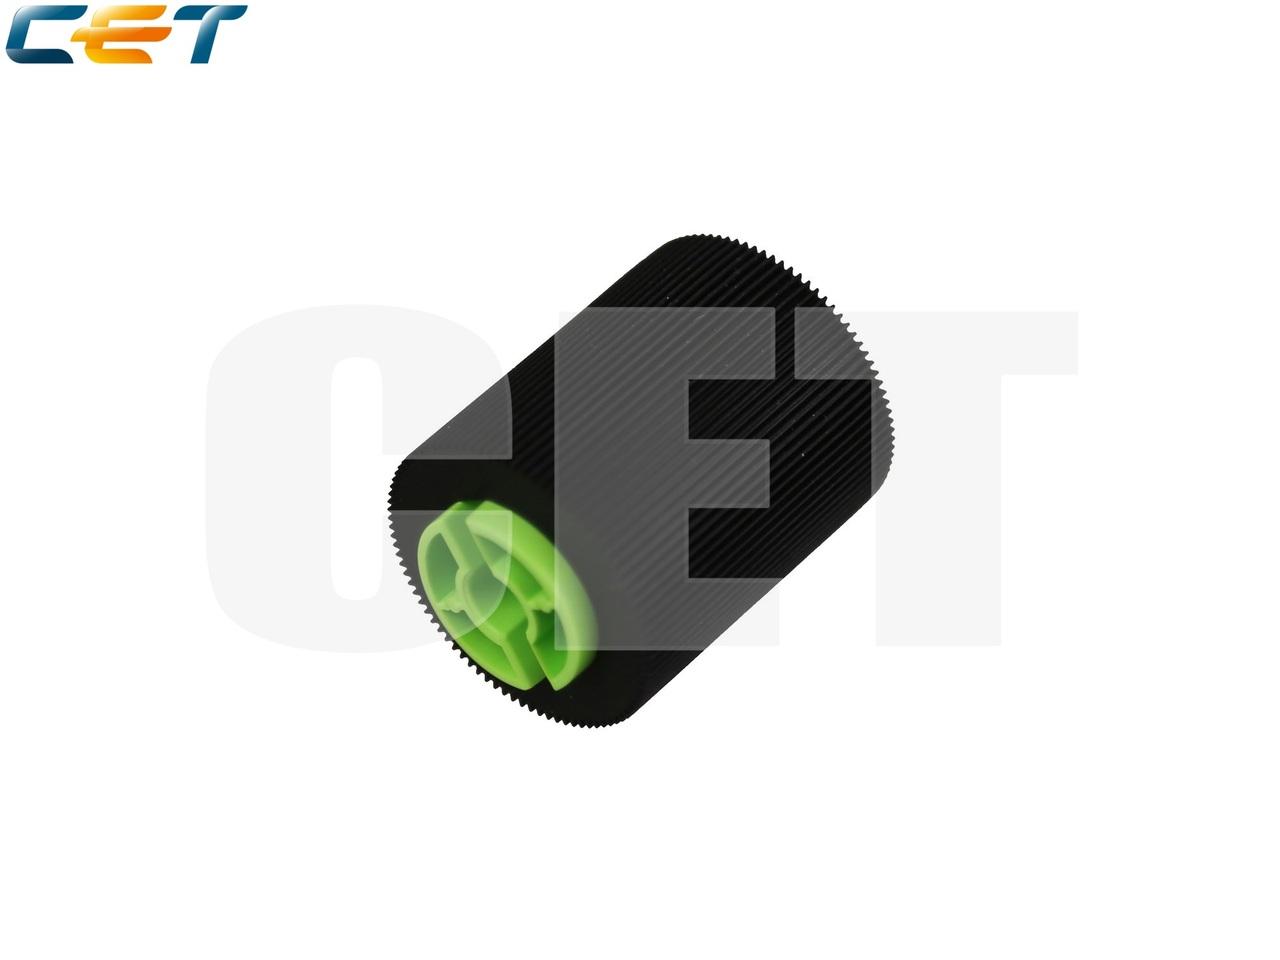 Ролик отделения ADF 40X7775 для LEXMARKMX812/MX811/MX810/MX711/MX710 (CET), CET2834